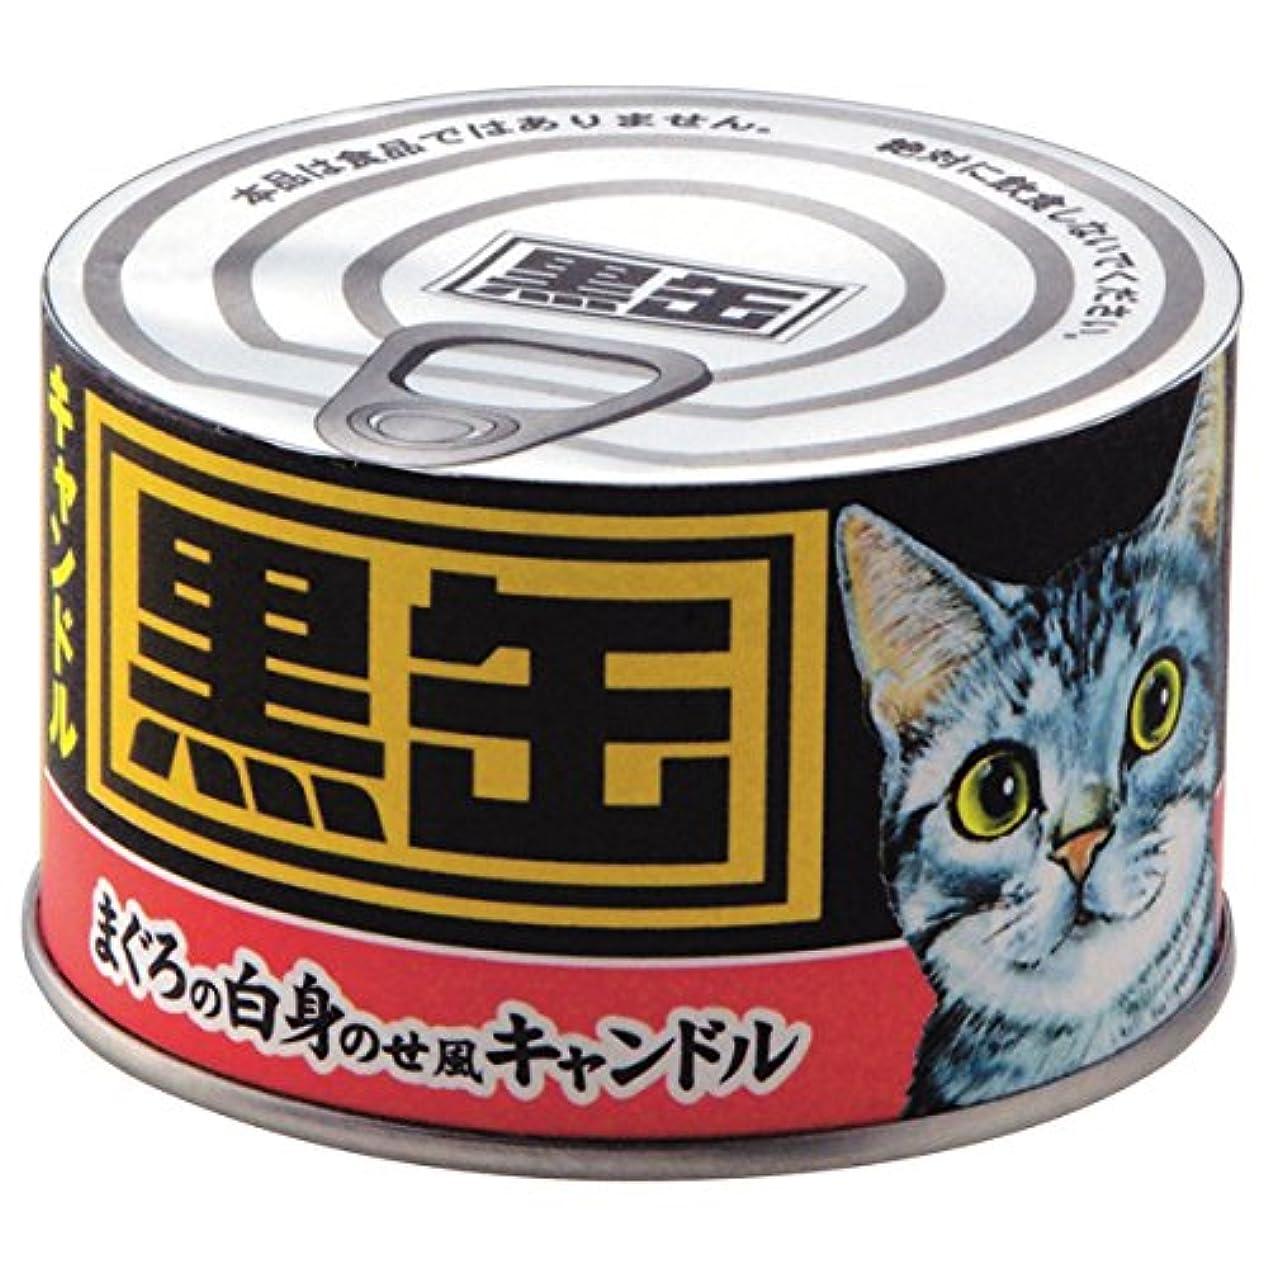 請願者同級生被害者カメヤマ黒缶キャンドル